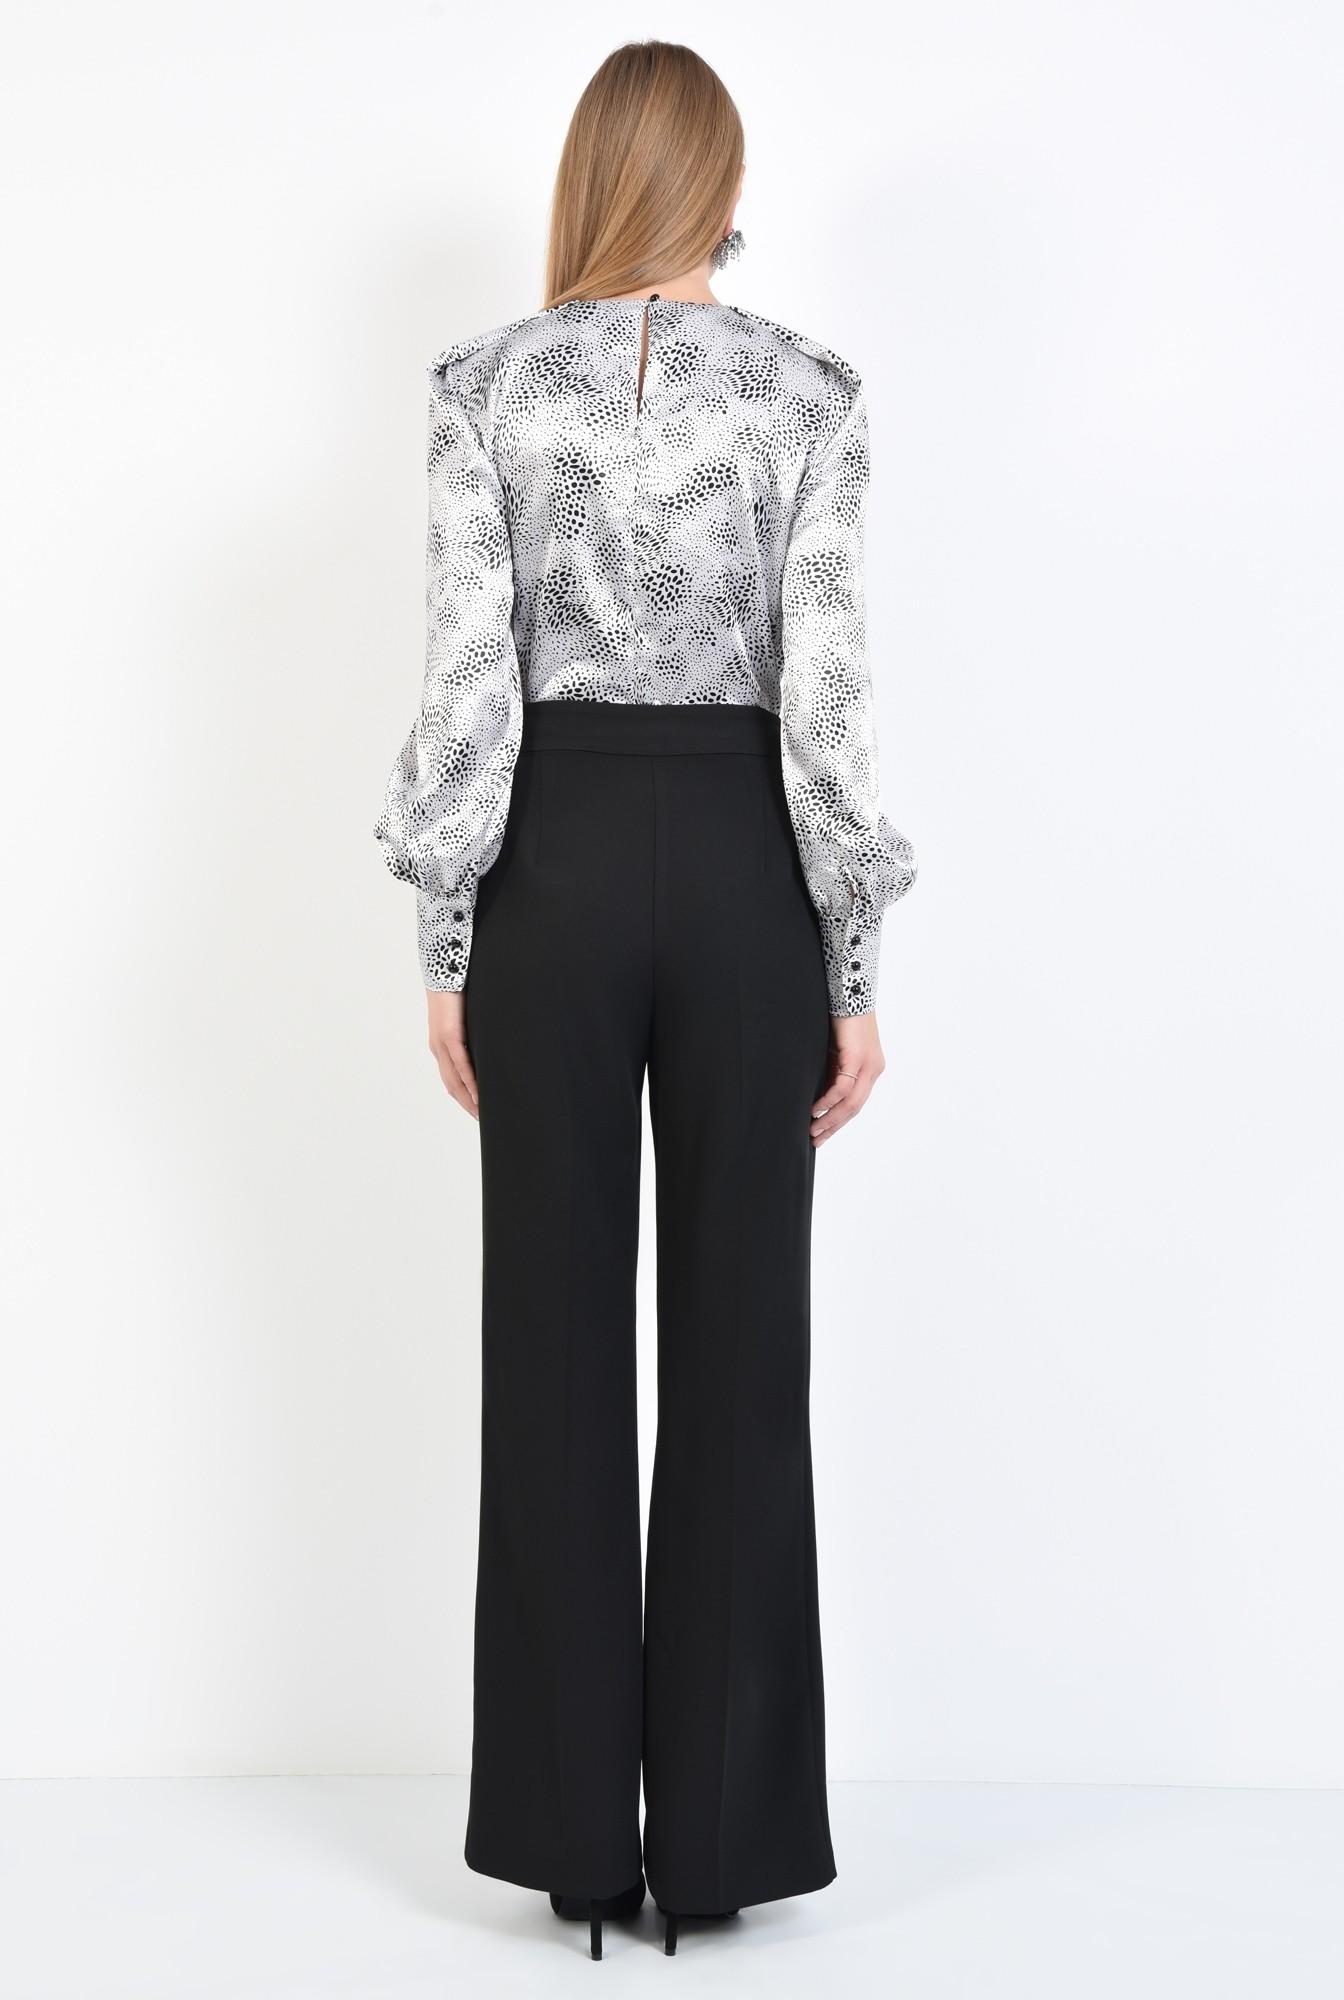 1 - 360 - bluza de ocazie, din satin, maneci fantezie, alb-negru